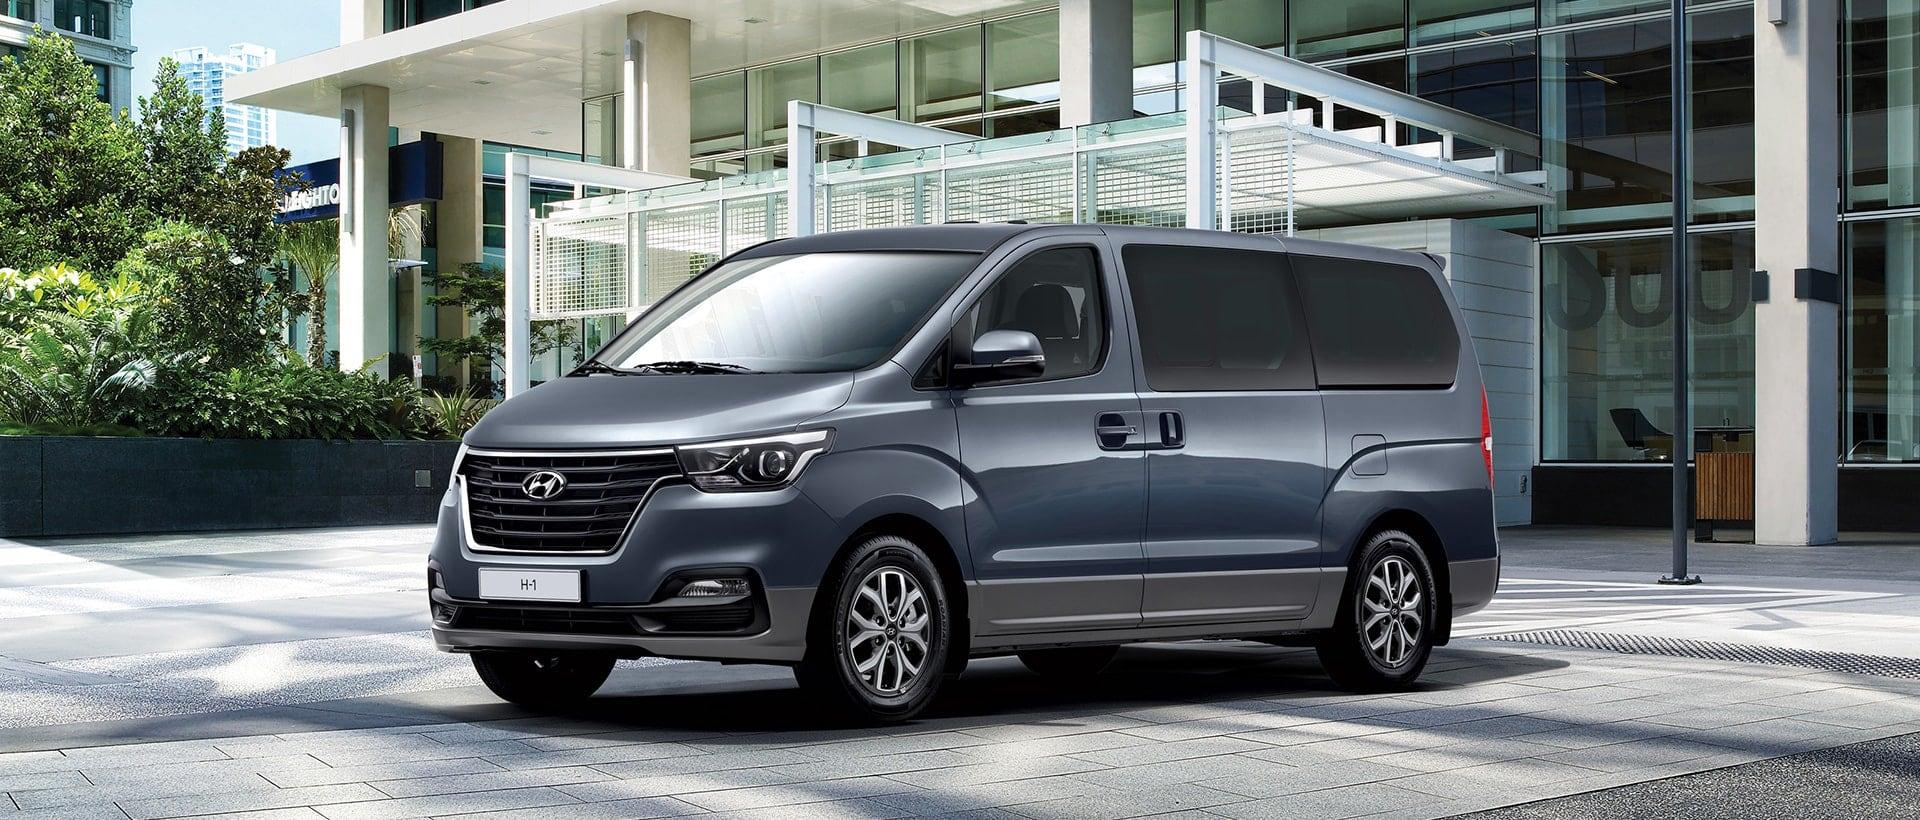 Микроавтобус Hyundai H1 будут собирать на калининградском заводе Автотор